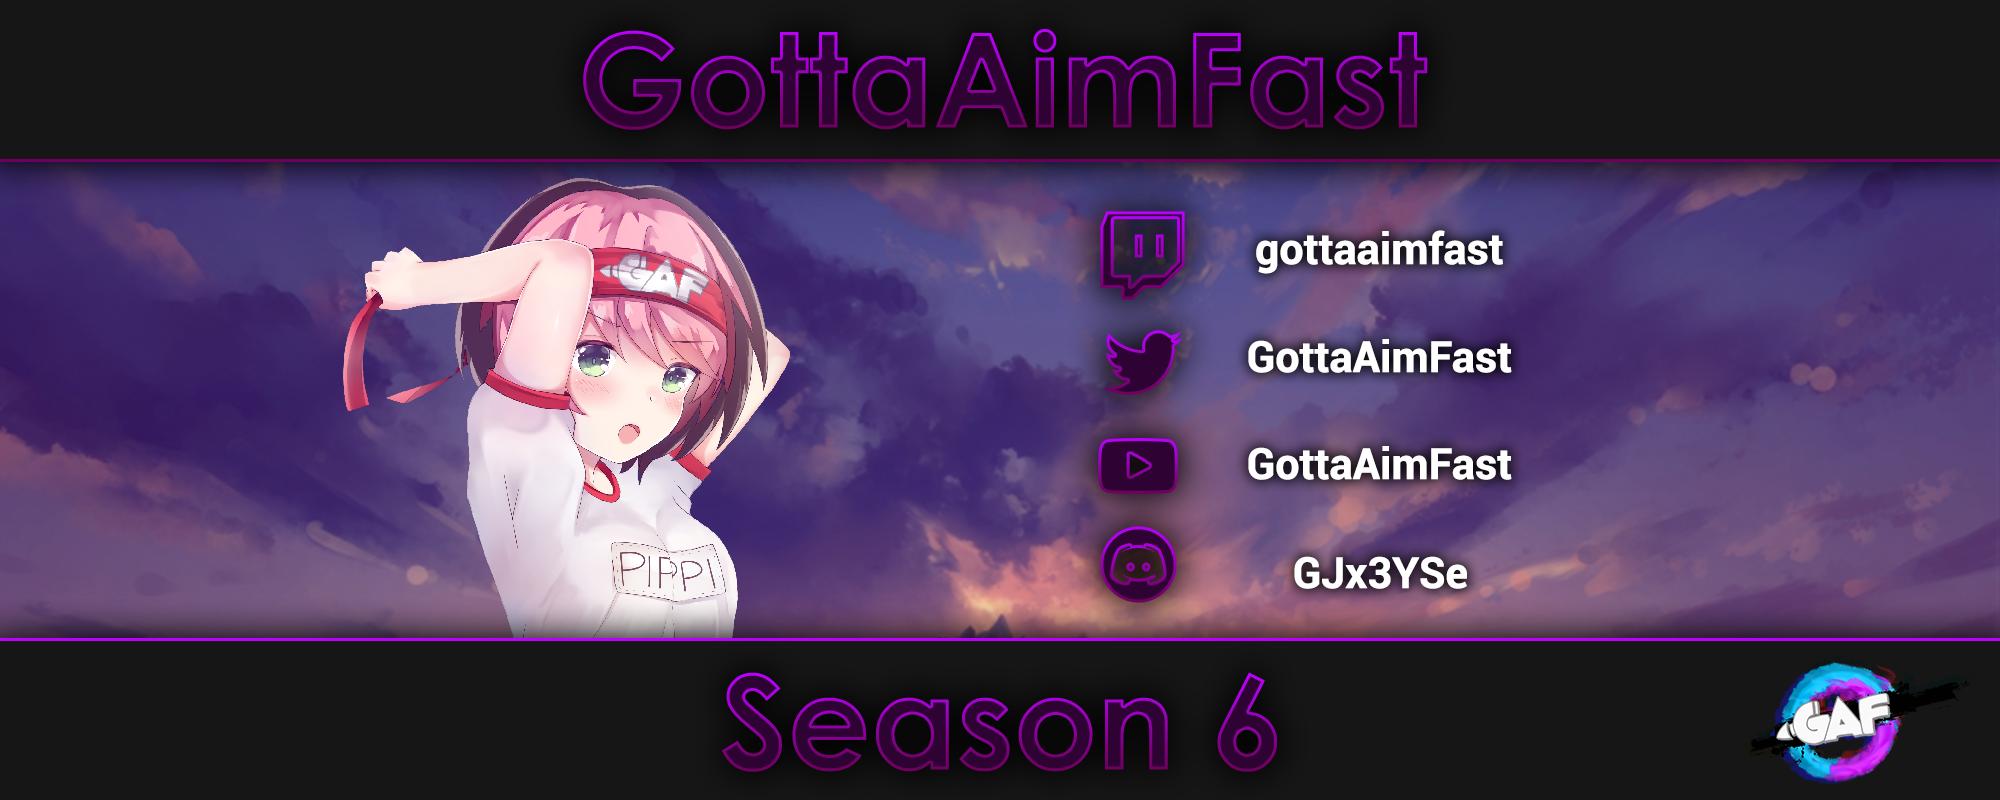 Gotta Aim Fast 4vs4 | 0-10k | STD | Season 6 | REG CLOSED · forums